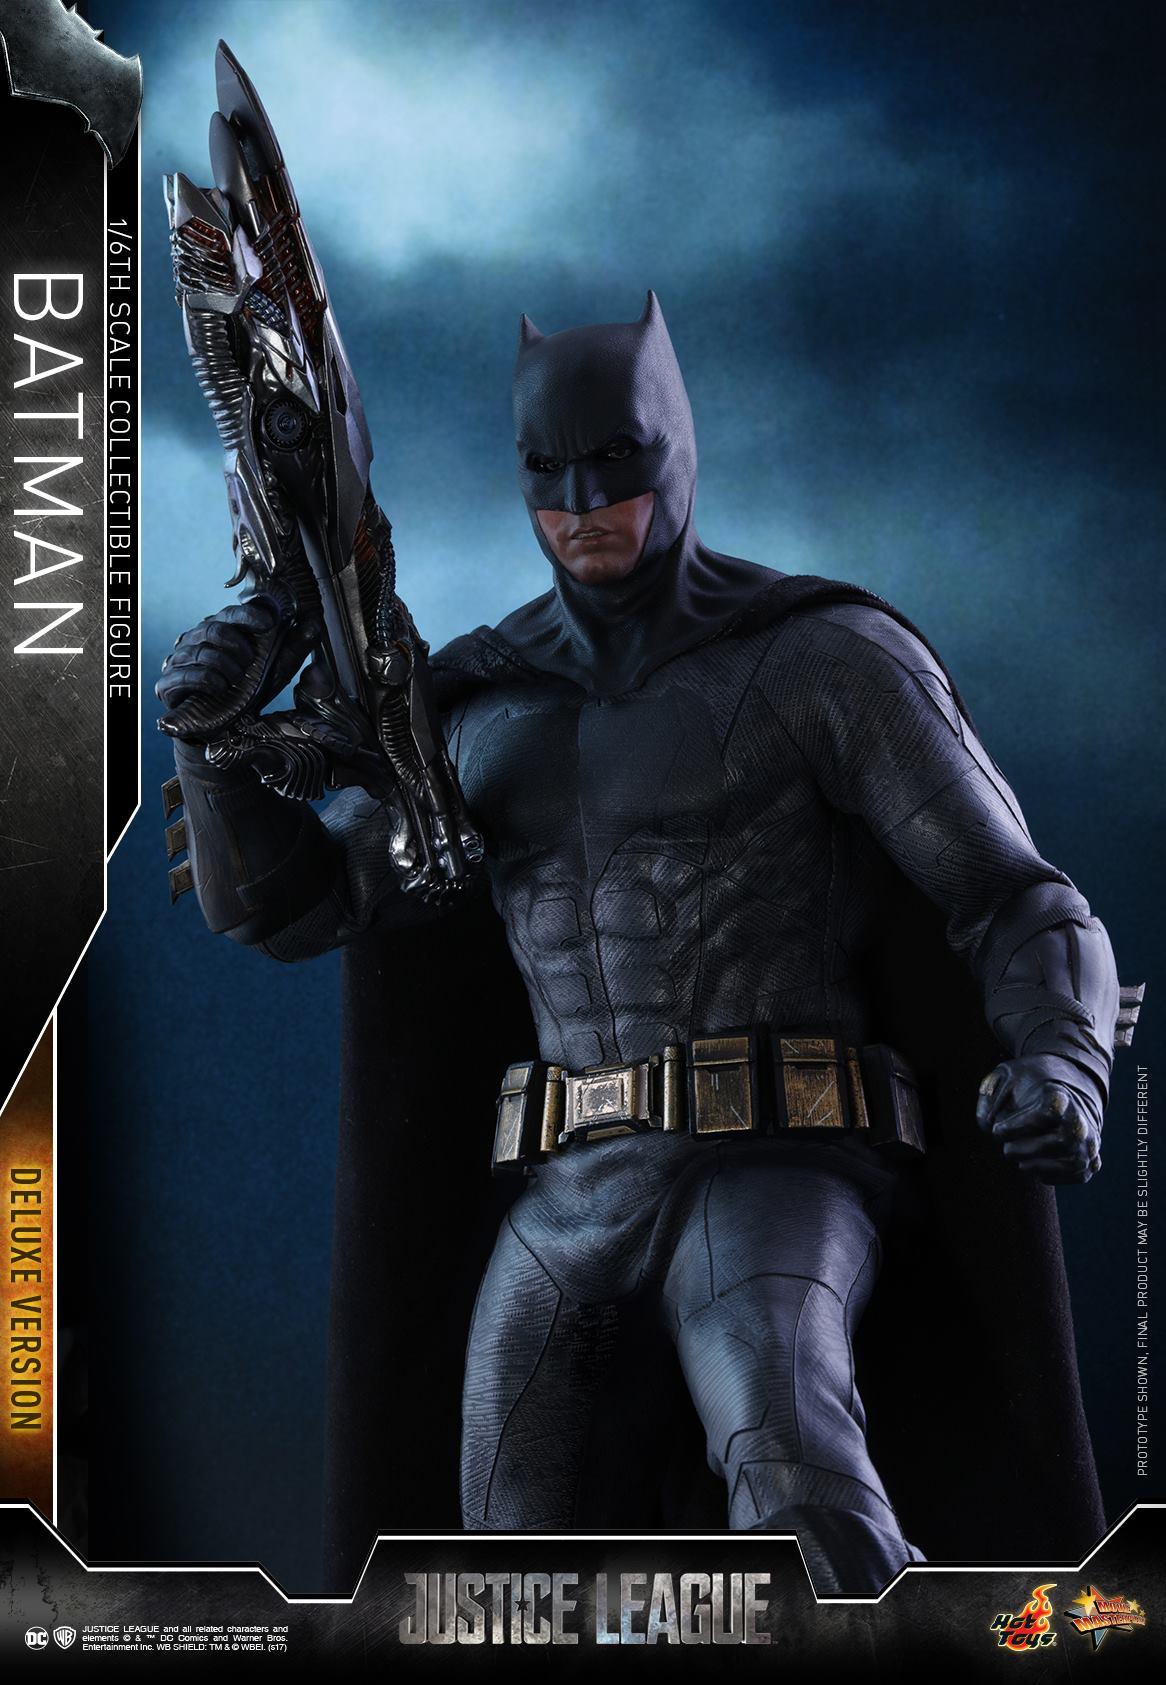 Hot-Toys-Deluxe-Batman-Justice-League-010